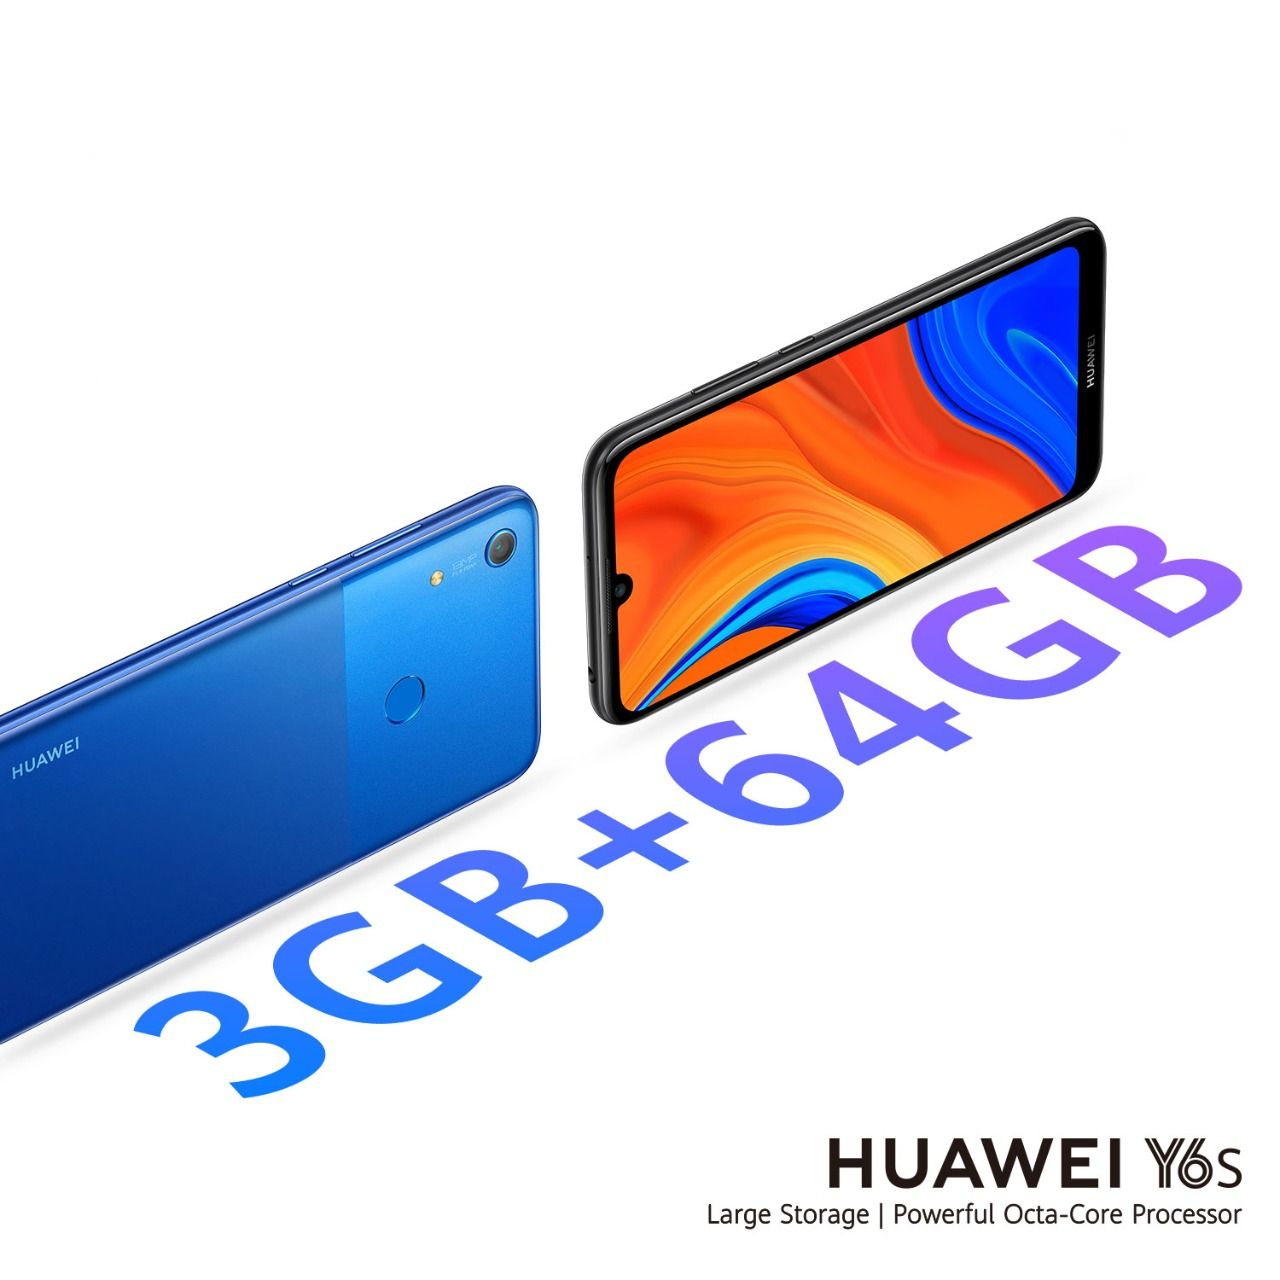 هواوي تطلق هاتف Huawei Y6s الجديد في السوق المصري بمساحة تخزينية 64 جيجابايت Samsung Galaxy Samsung Galaxy Phone Galaxy